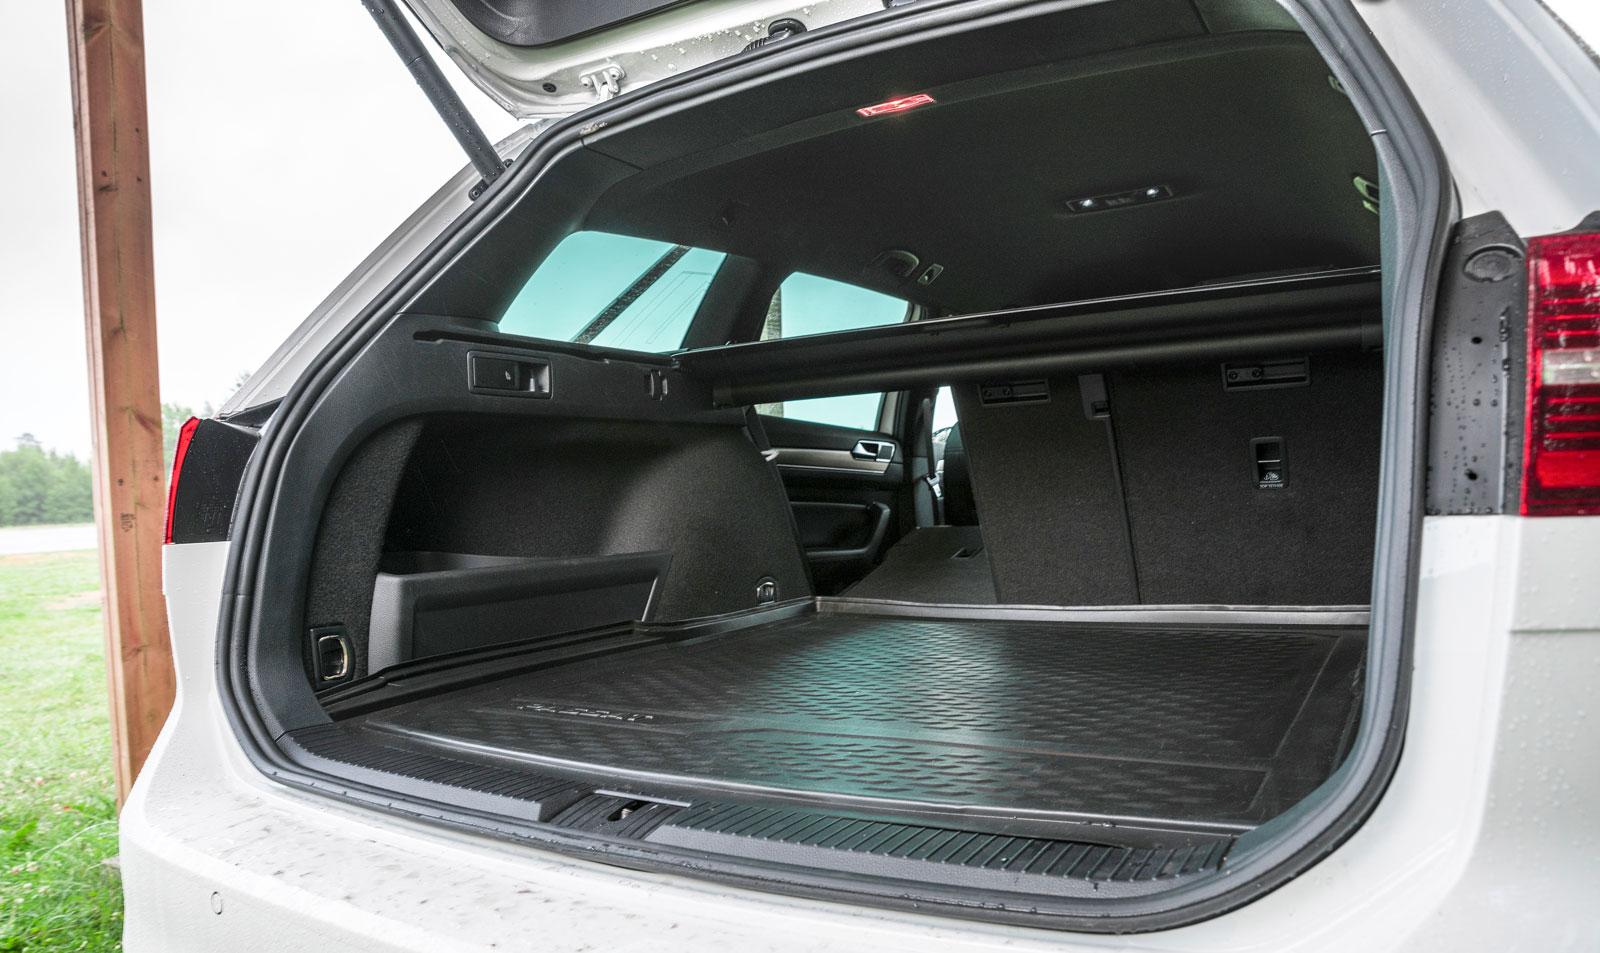 Passat har det klart största bagageutrymmet i trion, tacka den praktiska karossformen för det. Extra plus för att bagagegolvet kan varieras i höjd. Insynsskyddet är enkelt att hantera men det följer inte med elluckans rörelser.